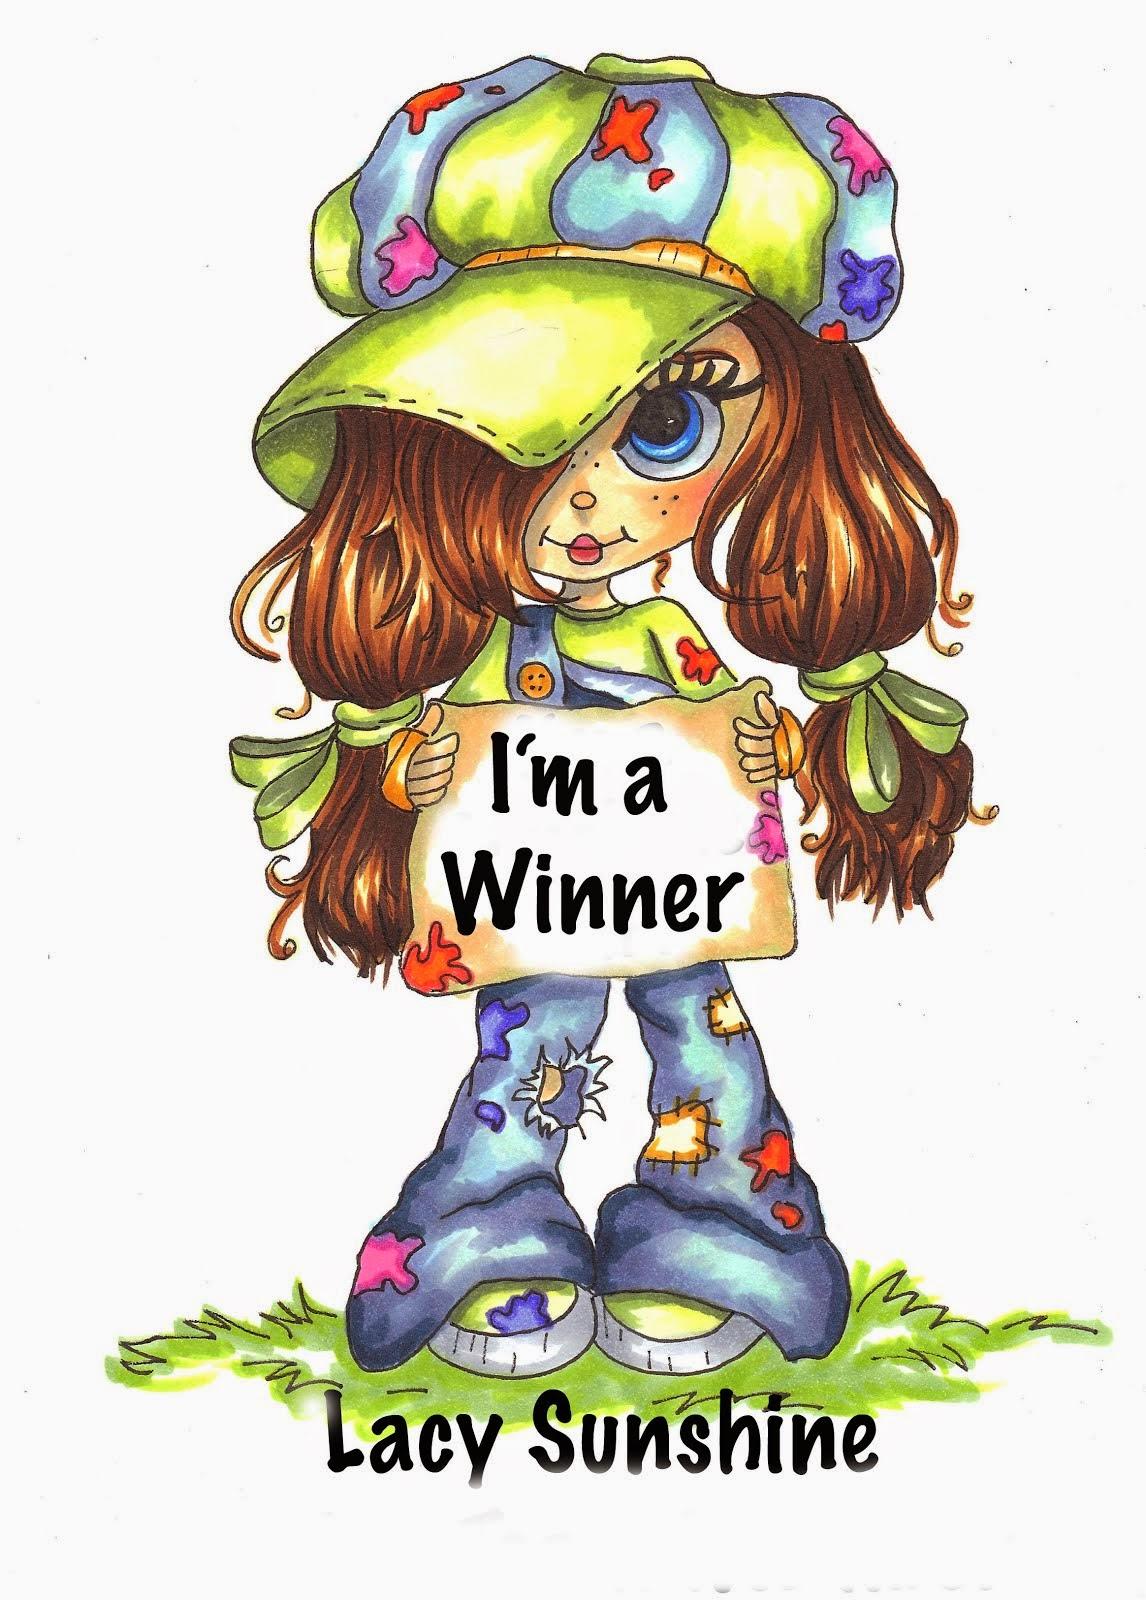 IT'S A WINNER!